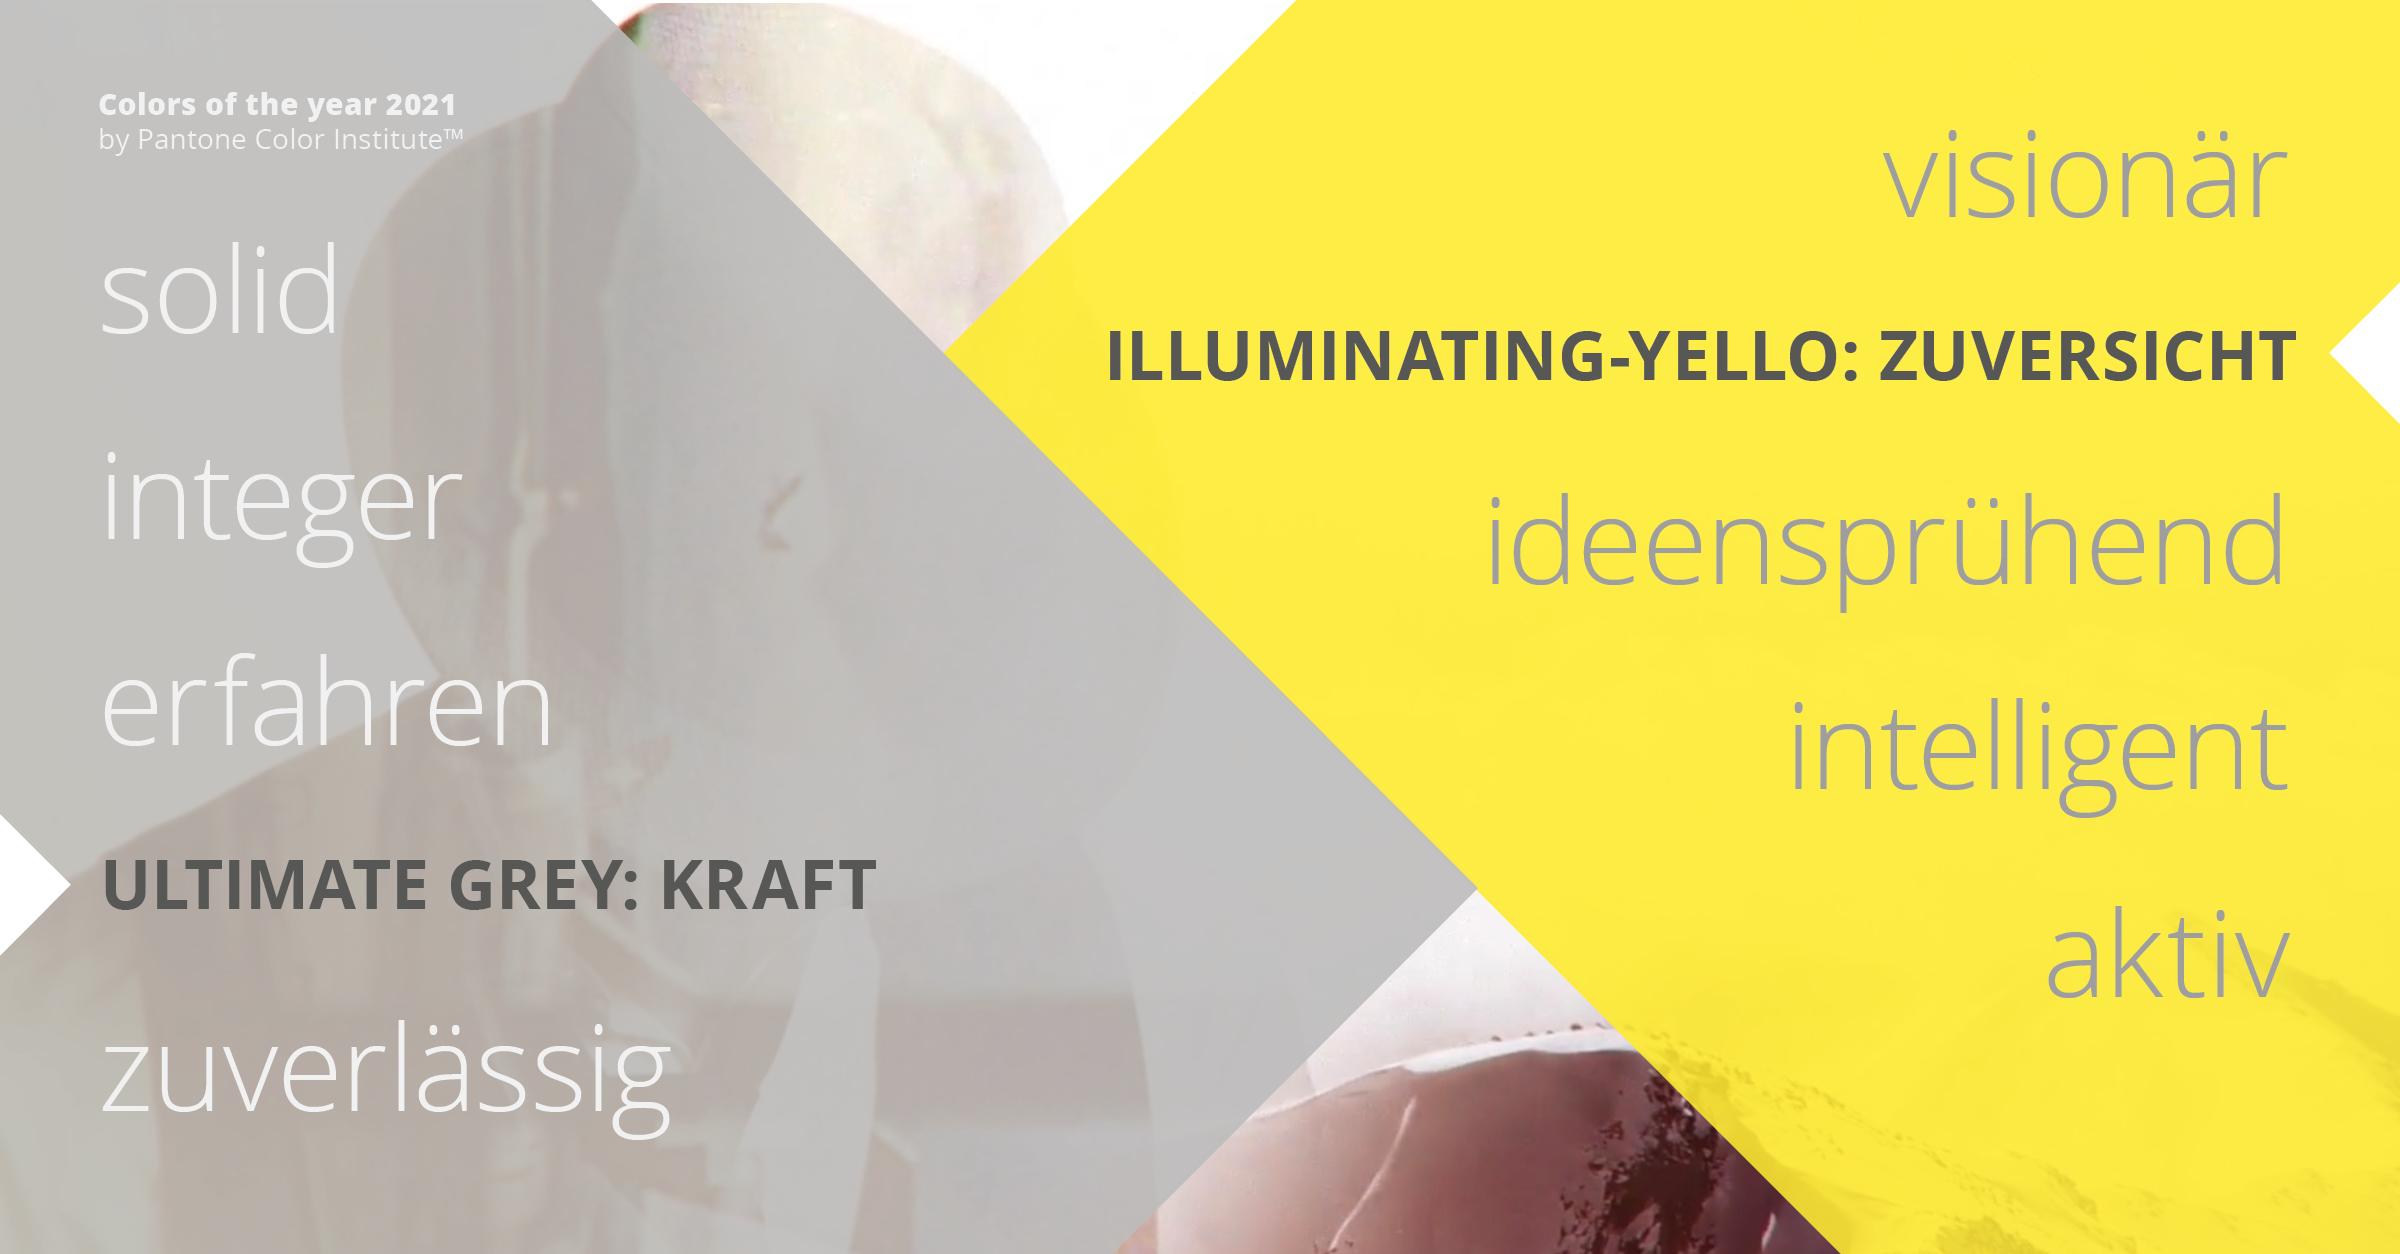 Schweizer-Shareholder-Solutions-Partner-Nimbus-visionär-und-bodenständig